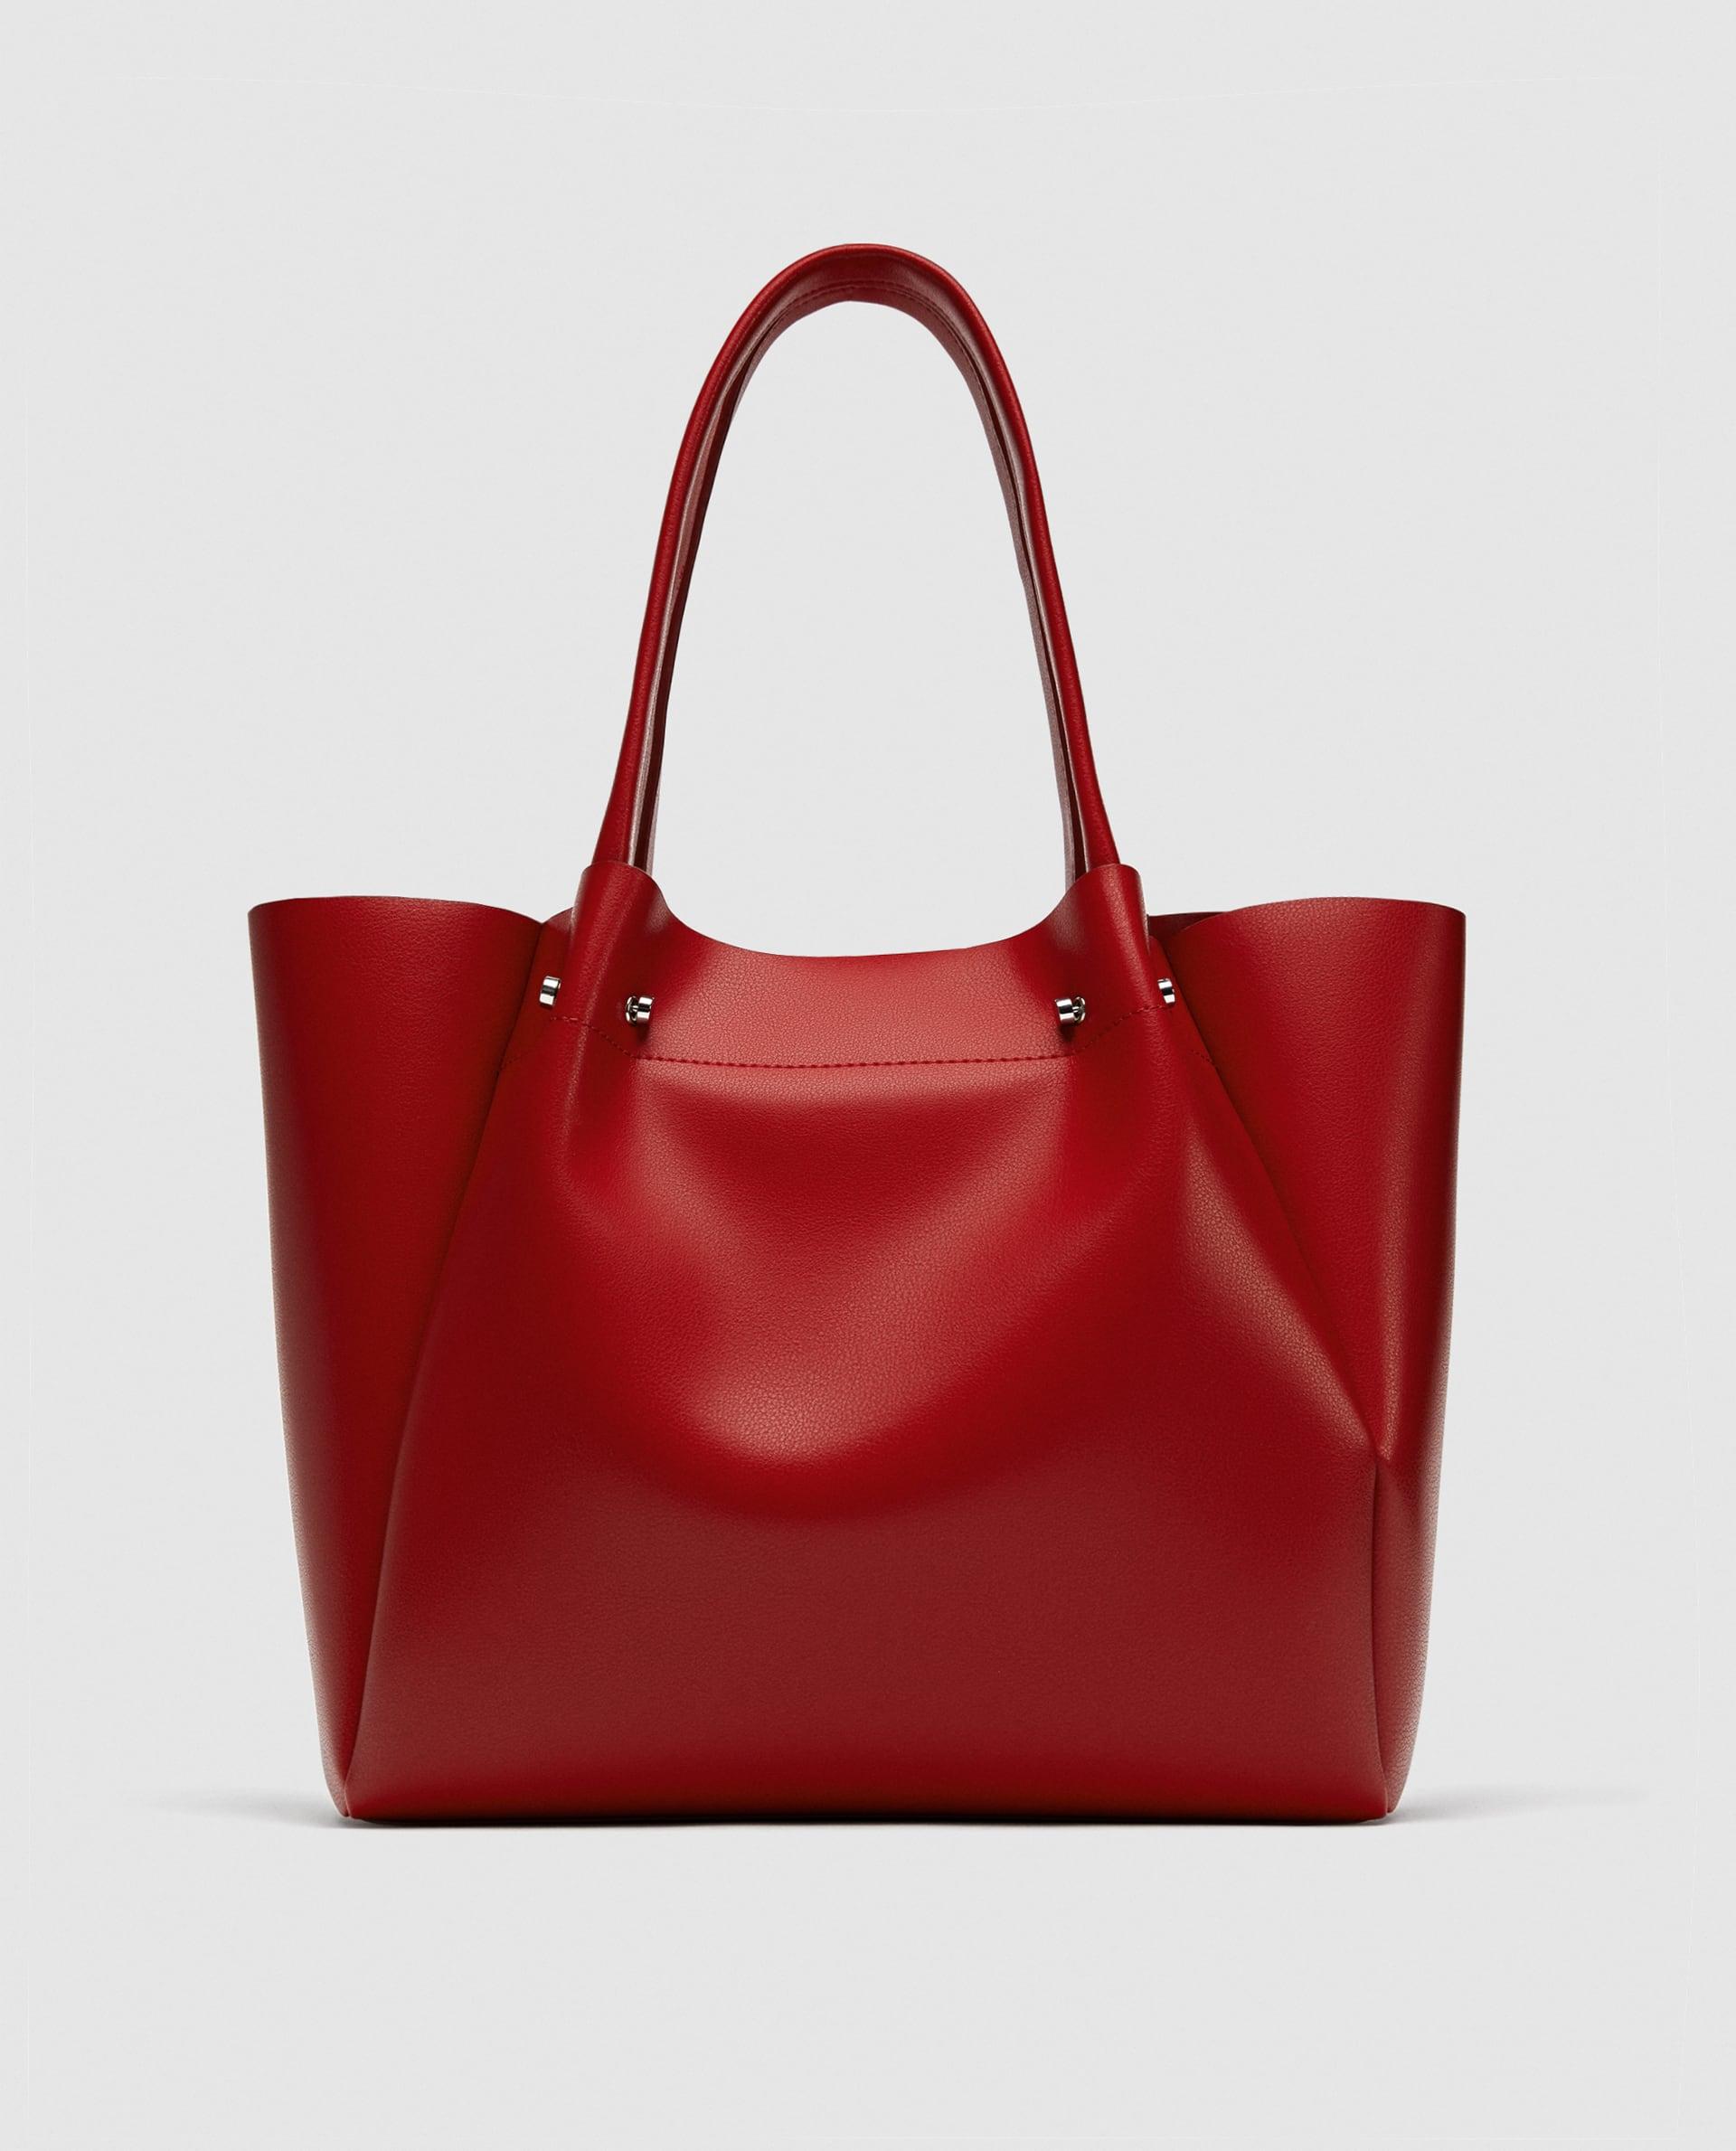 Borsa a spalla rossa Zara collezione primavera estate 2018